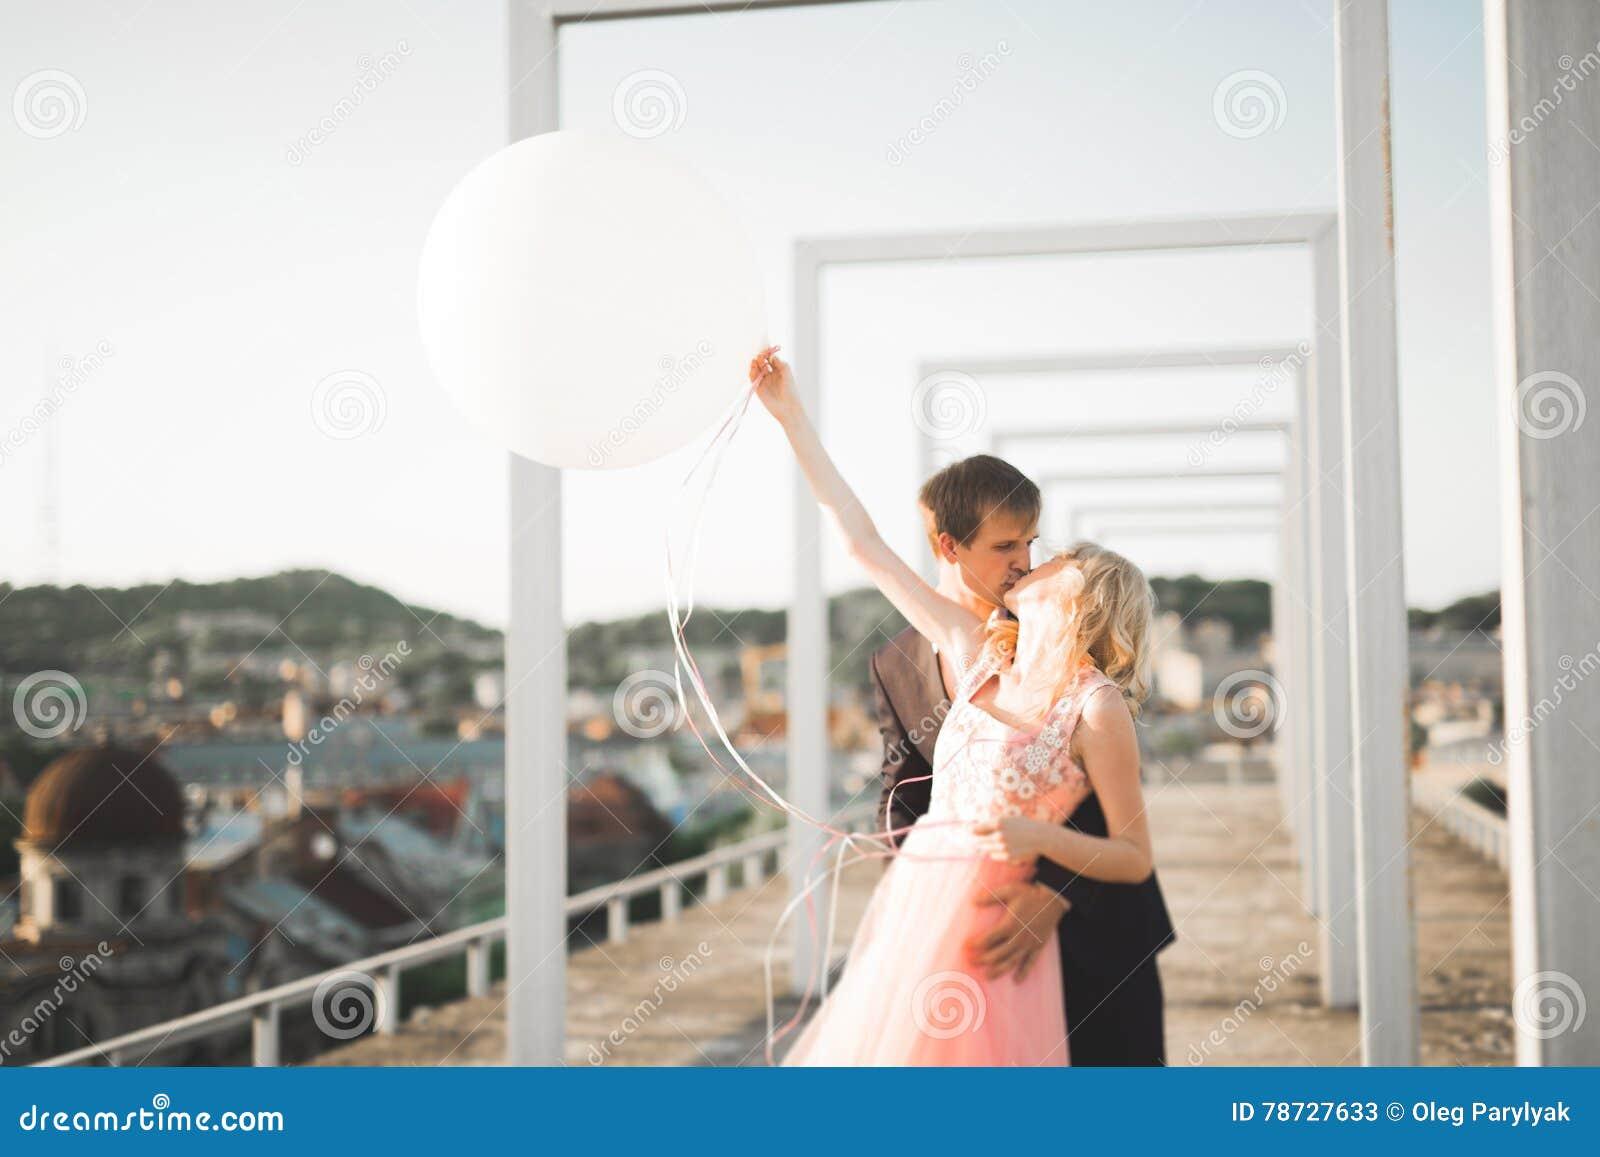 Nätt solig utomhus- stående av unga stilfulla par, medan kyssa på taket med stadssikt